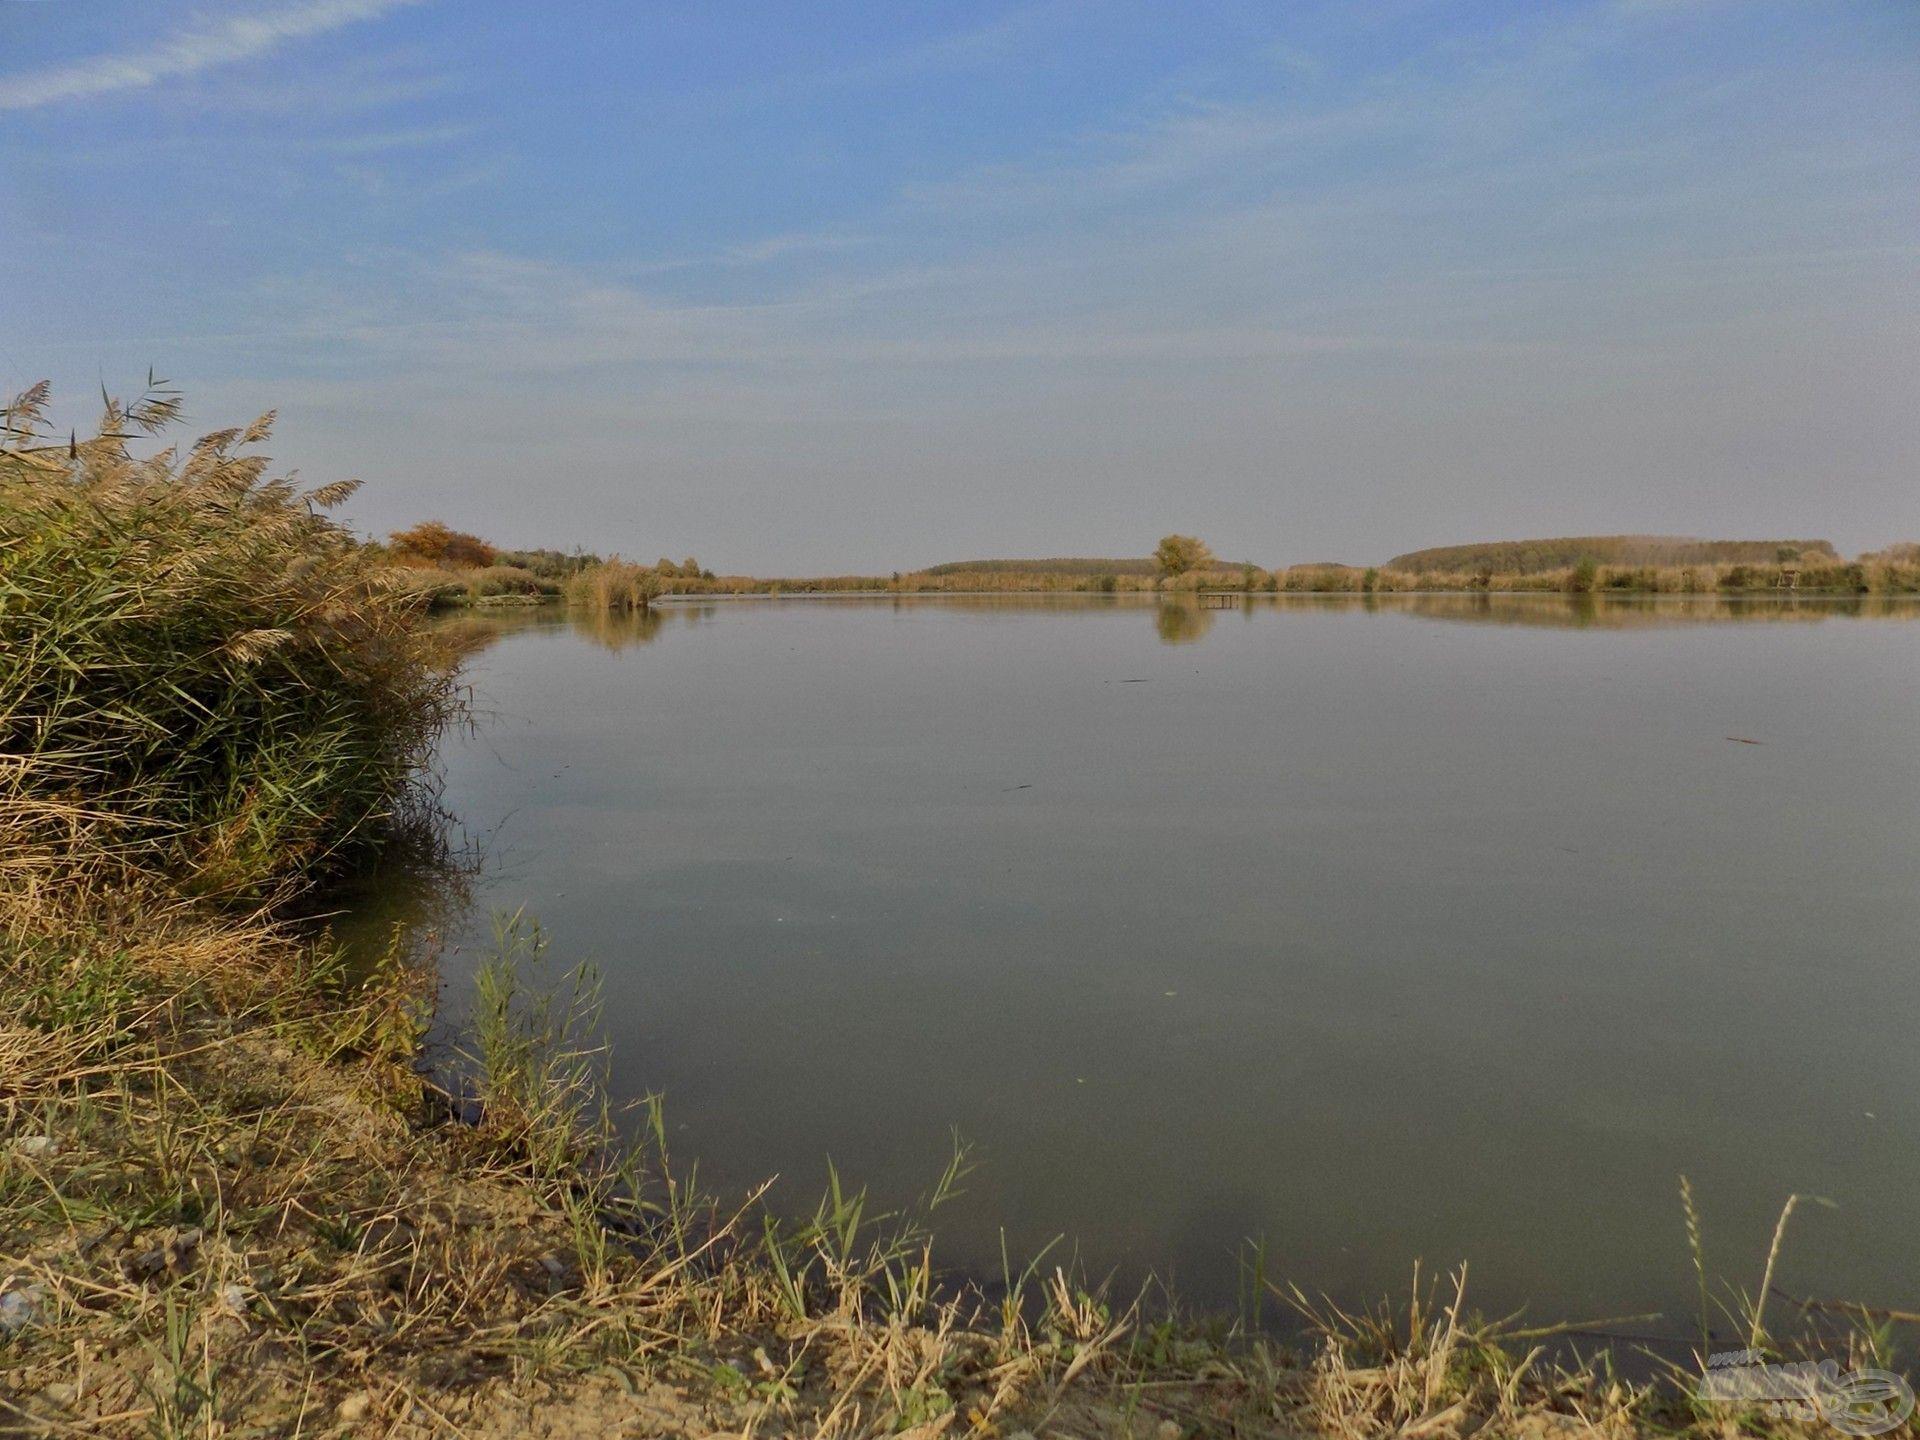 Az 5 hektár területű Millér Horgásztó egy nagyszerűen halasított horgászvíz, a feederbotos horgászat szerelmeseinek maximálisan ideális választás lehet az év bármely időszakában